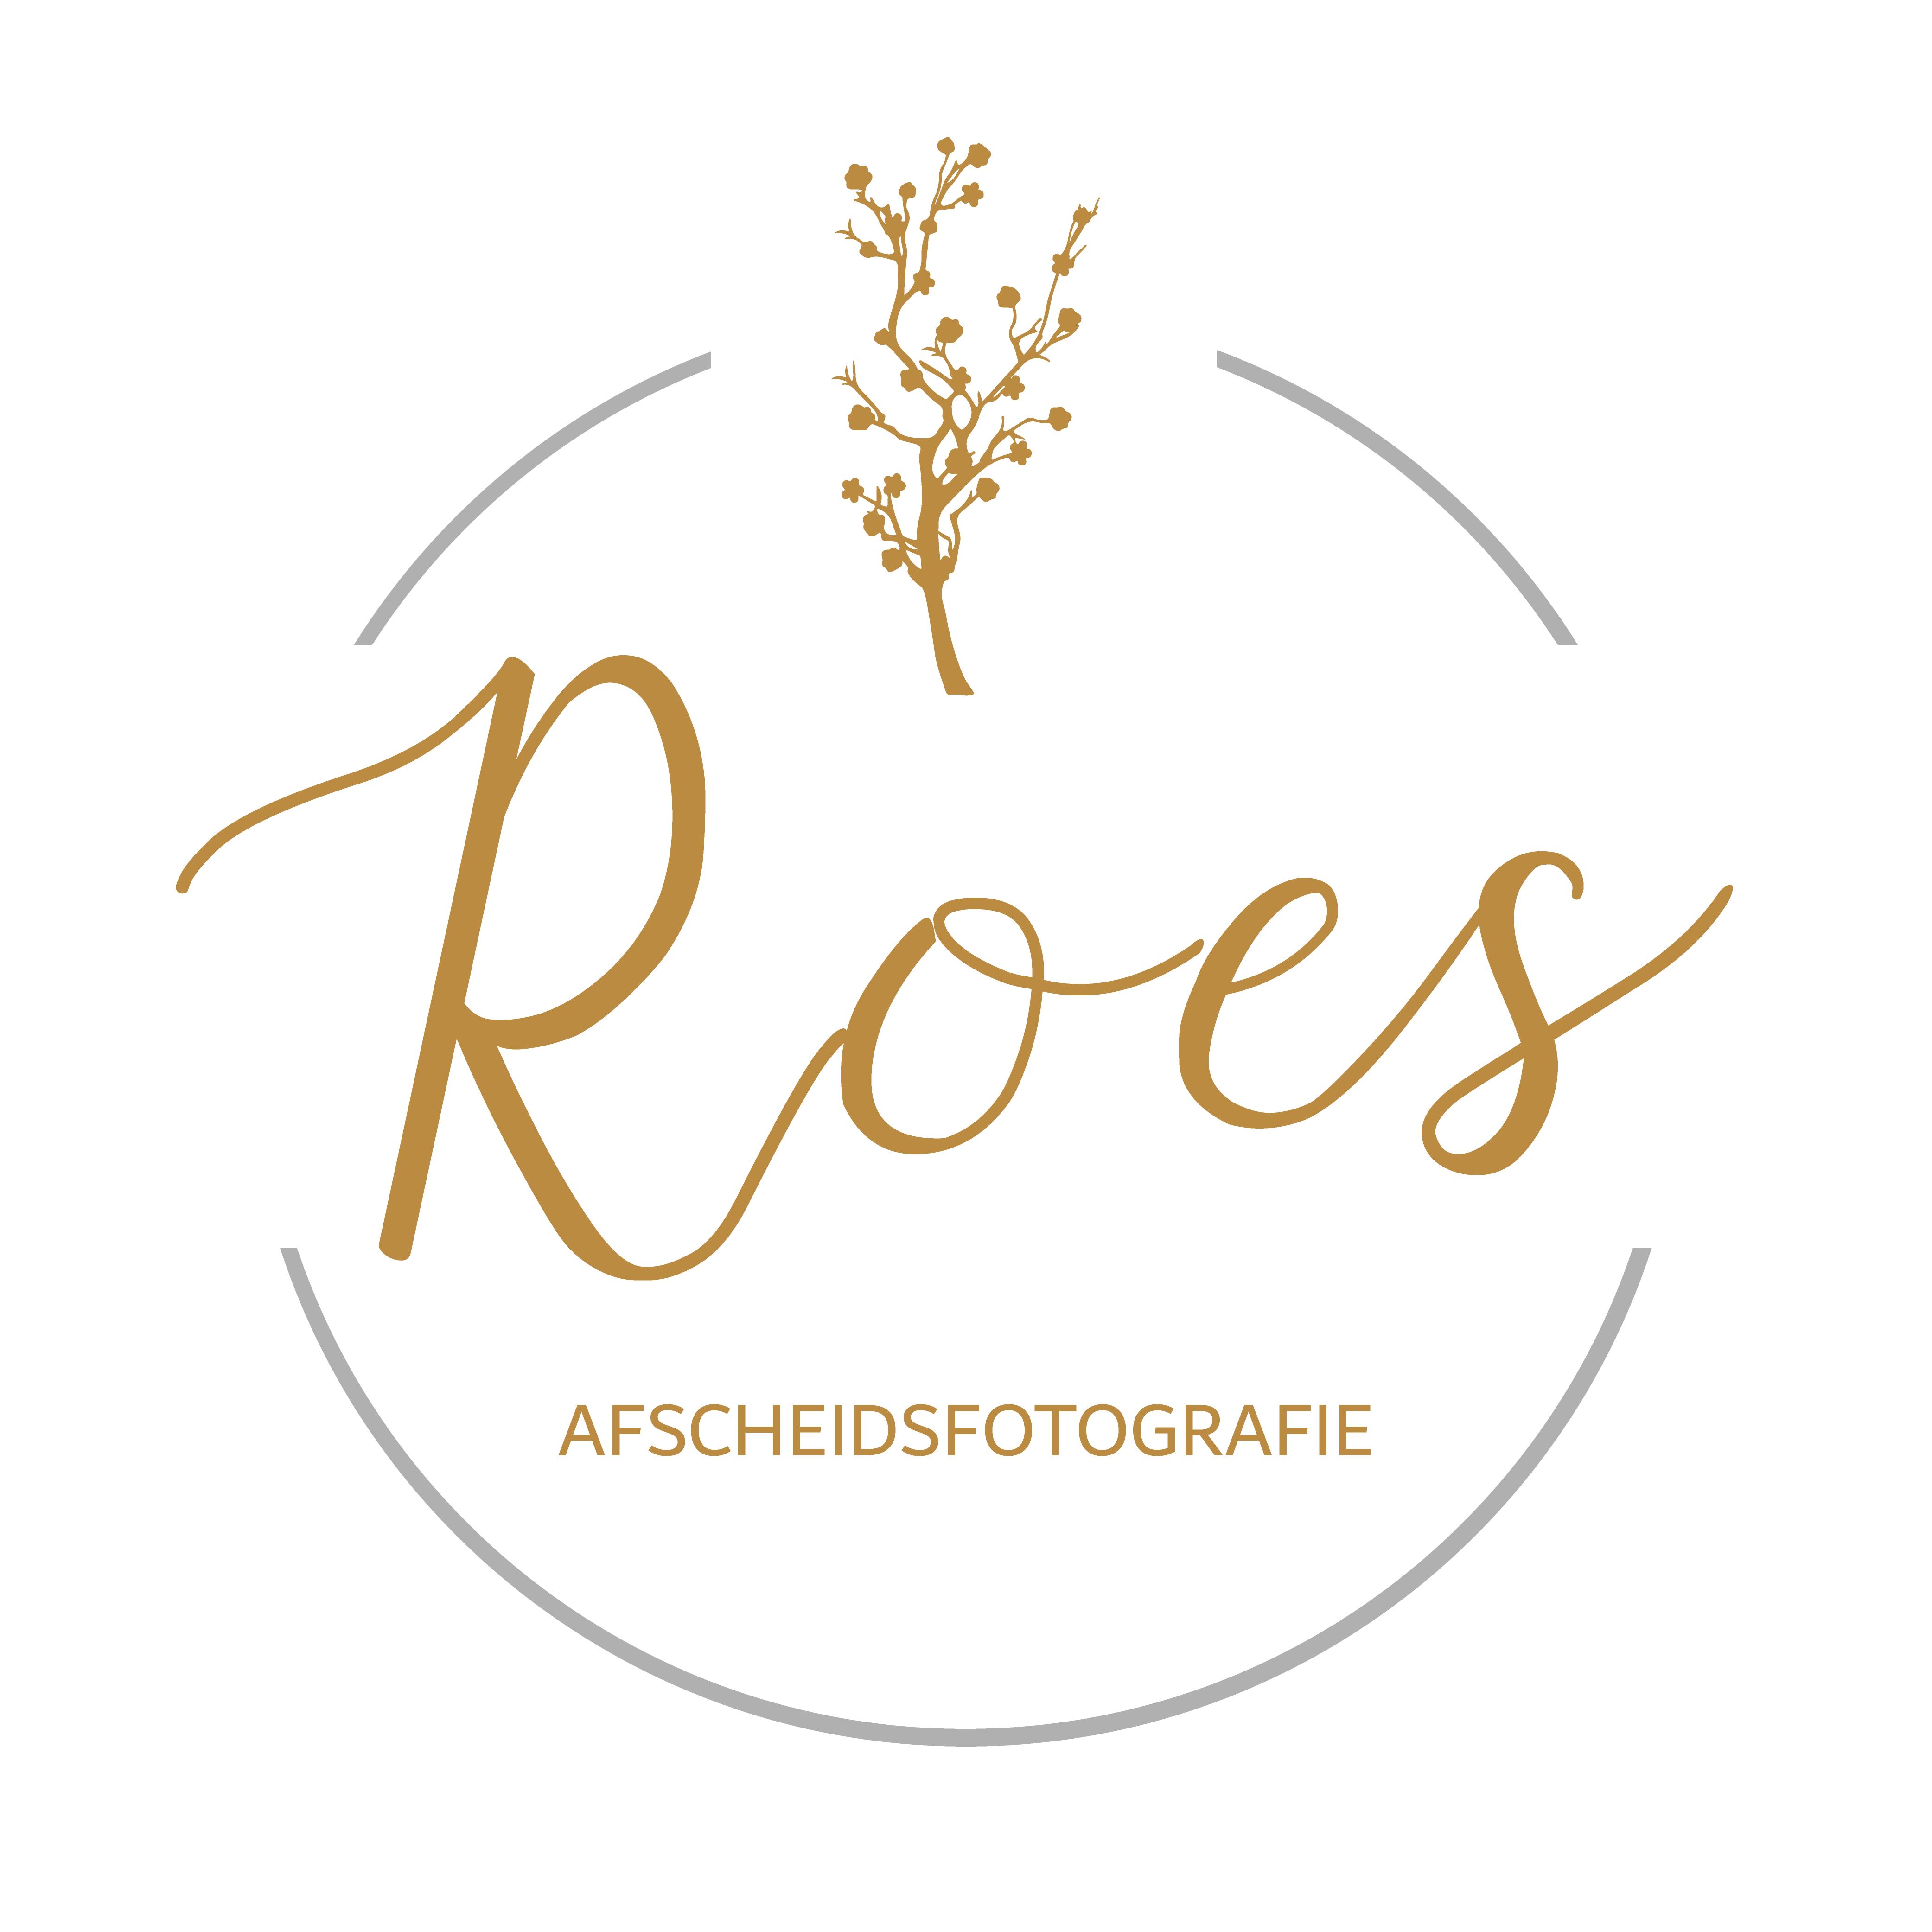 Roes afscheidsfotografie